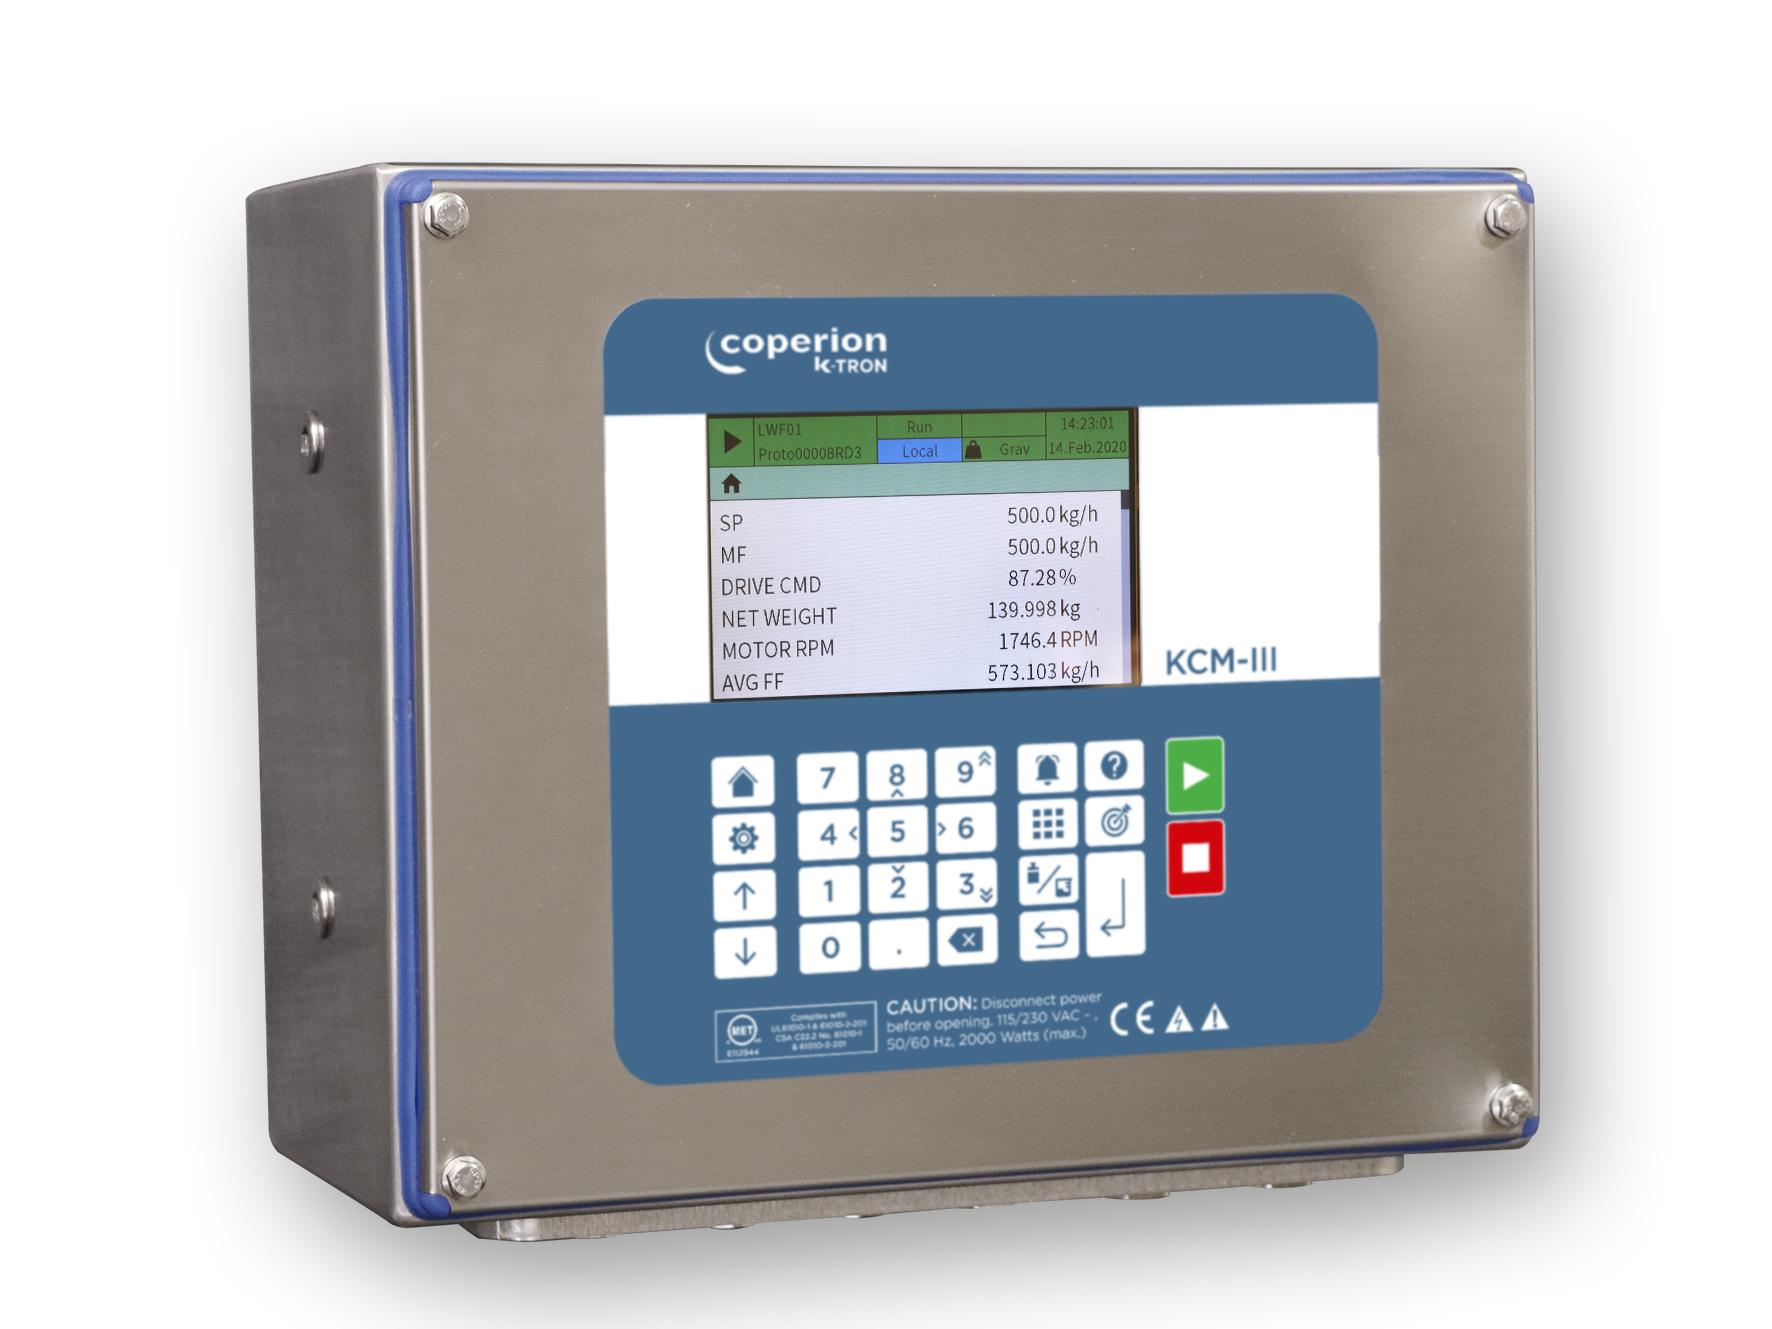 Контроллер Coperion K-Tron KCM-III для управления дозаторами полимерного сырья